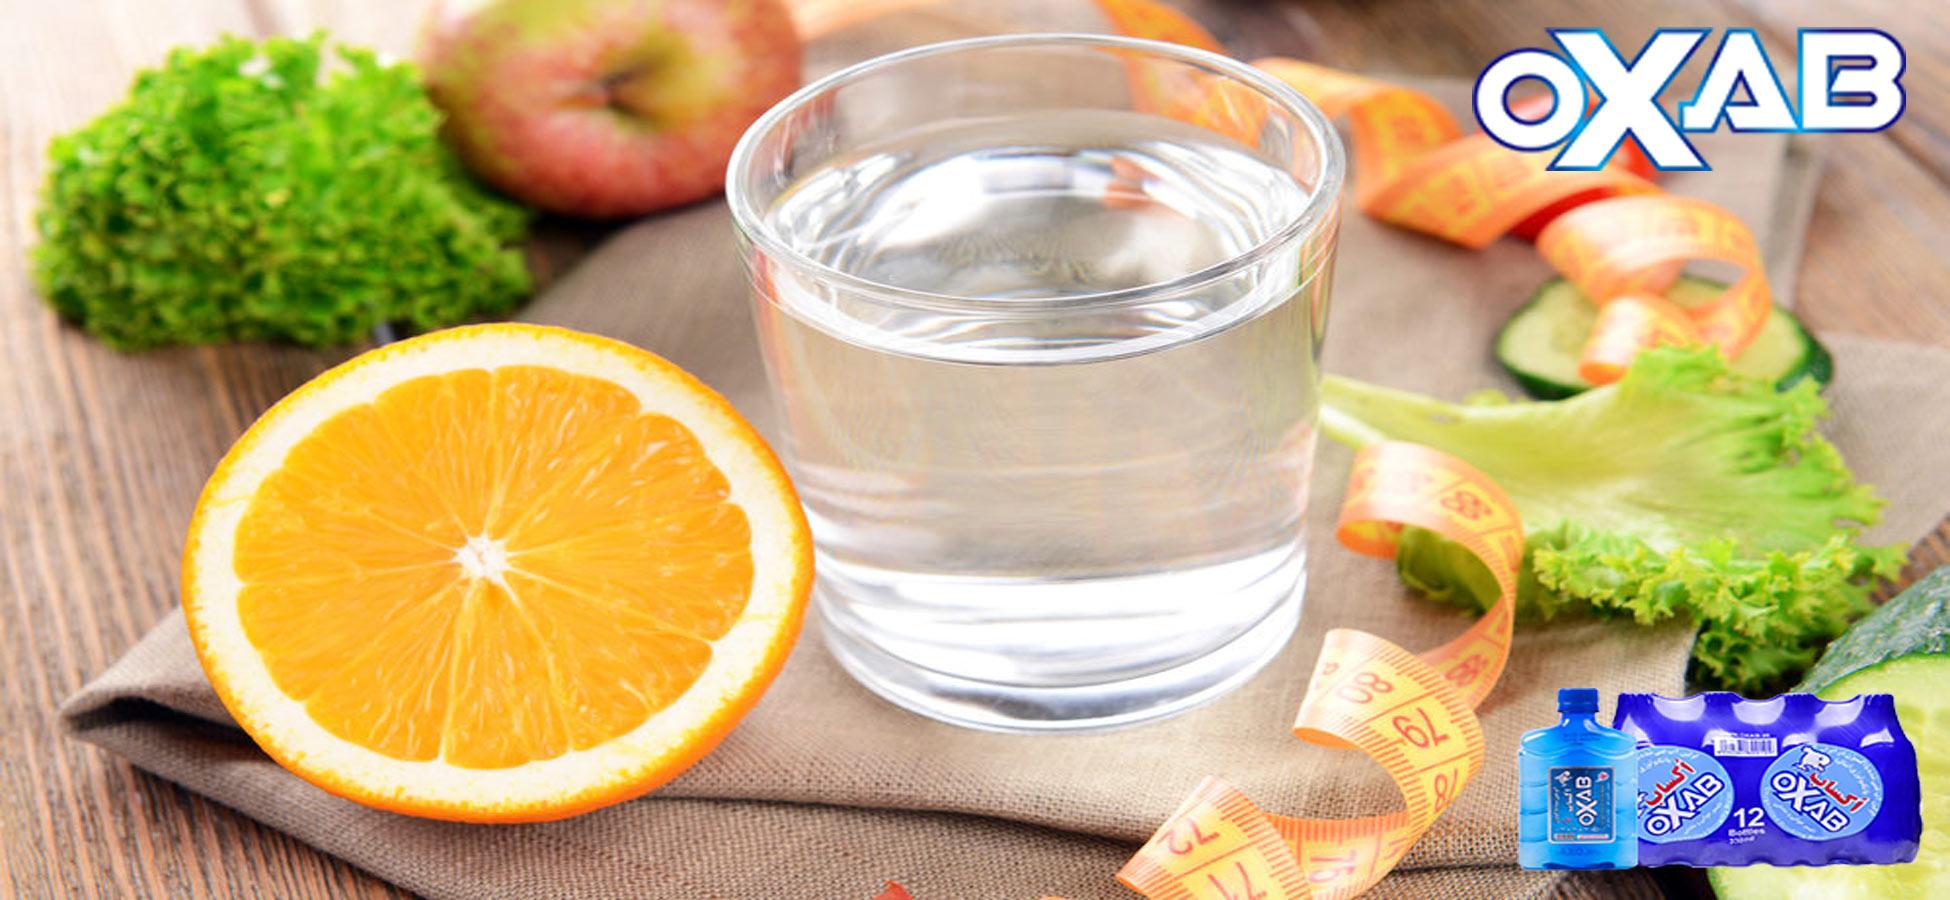 مضرات خوردن آب بعد از میوه